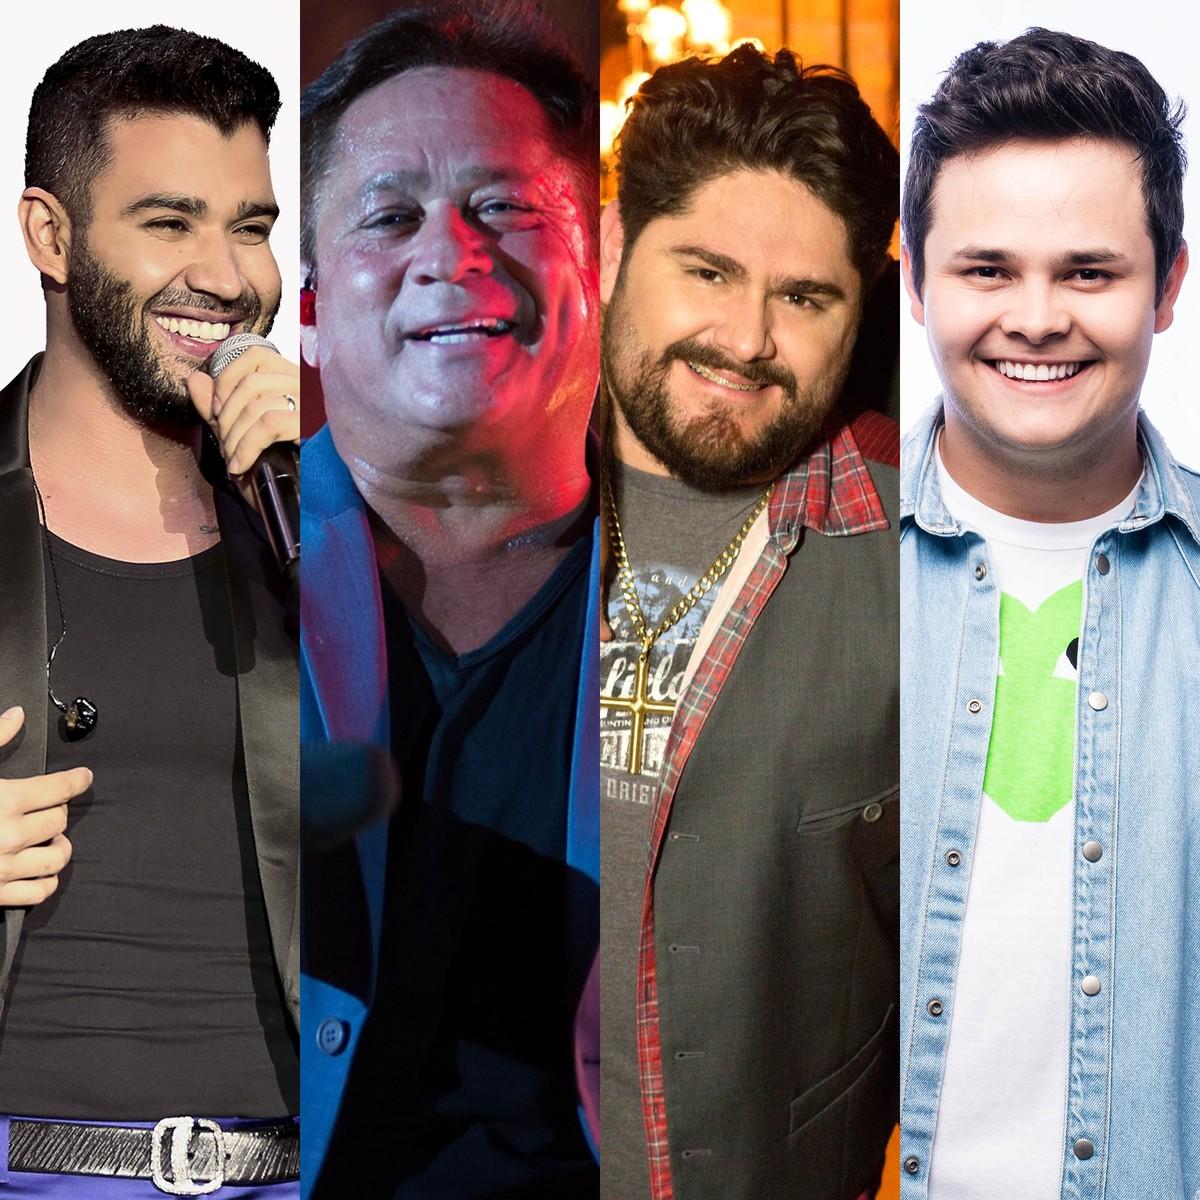 Villa Mix em Casa: 2ª edição do festival acontece neste domingo com Gusttavo Lima e mais sertanejos | Música